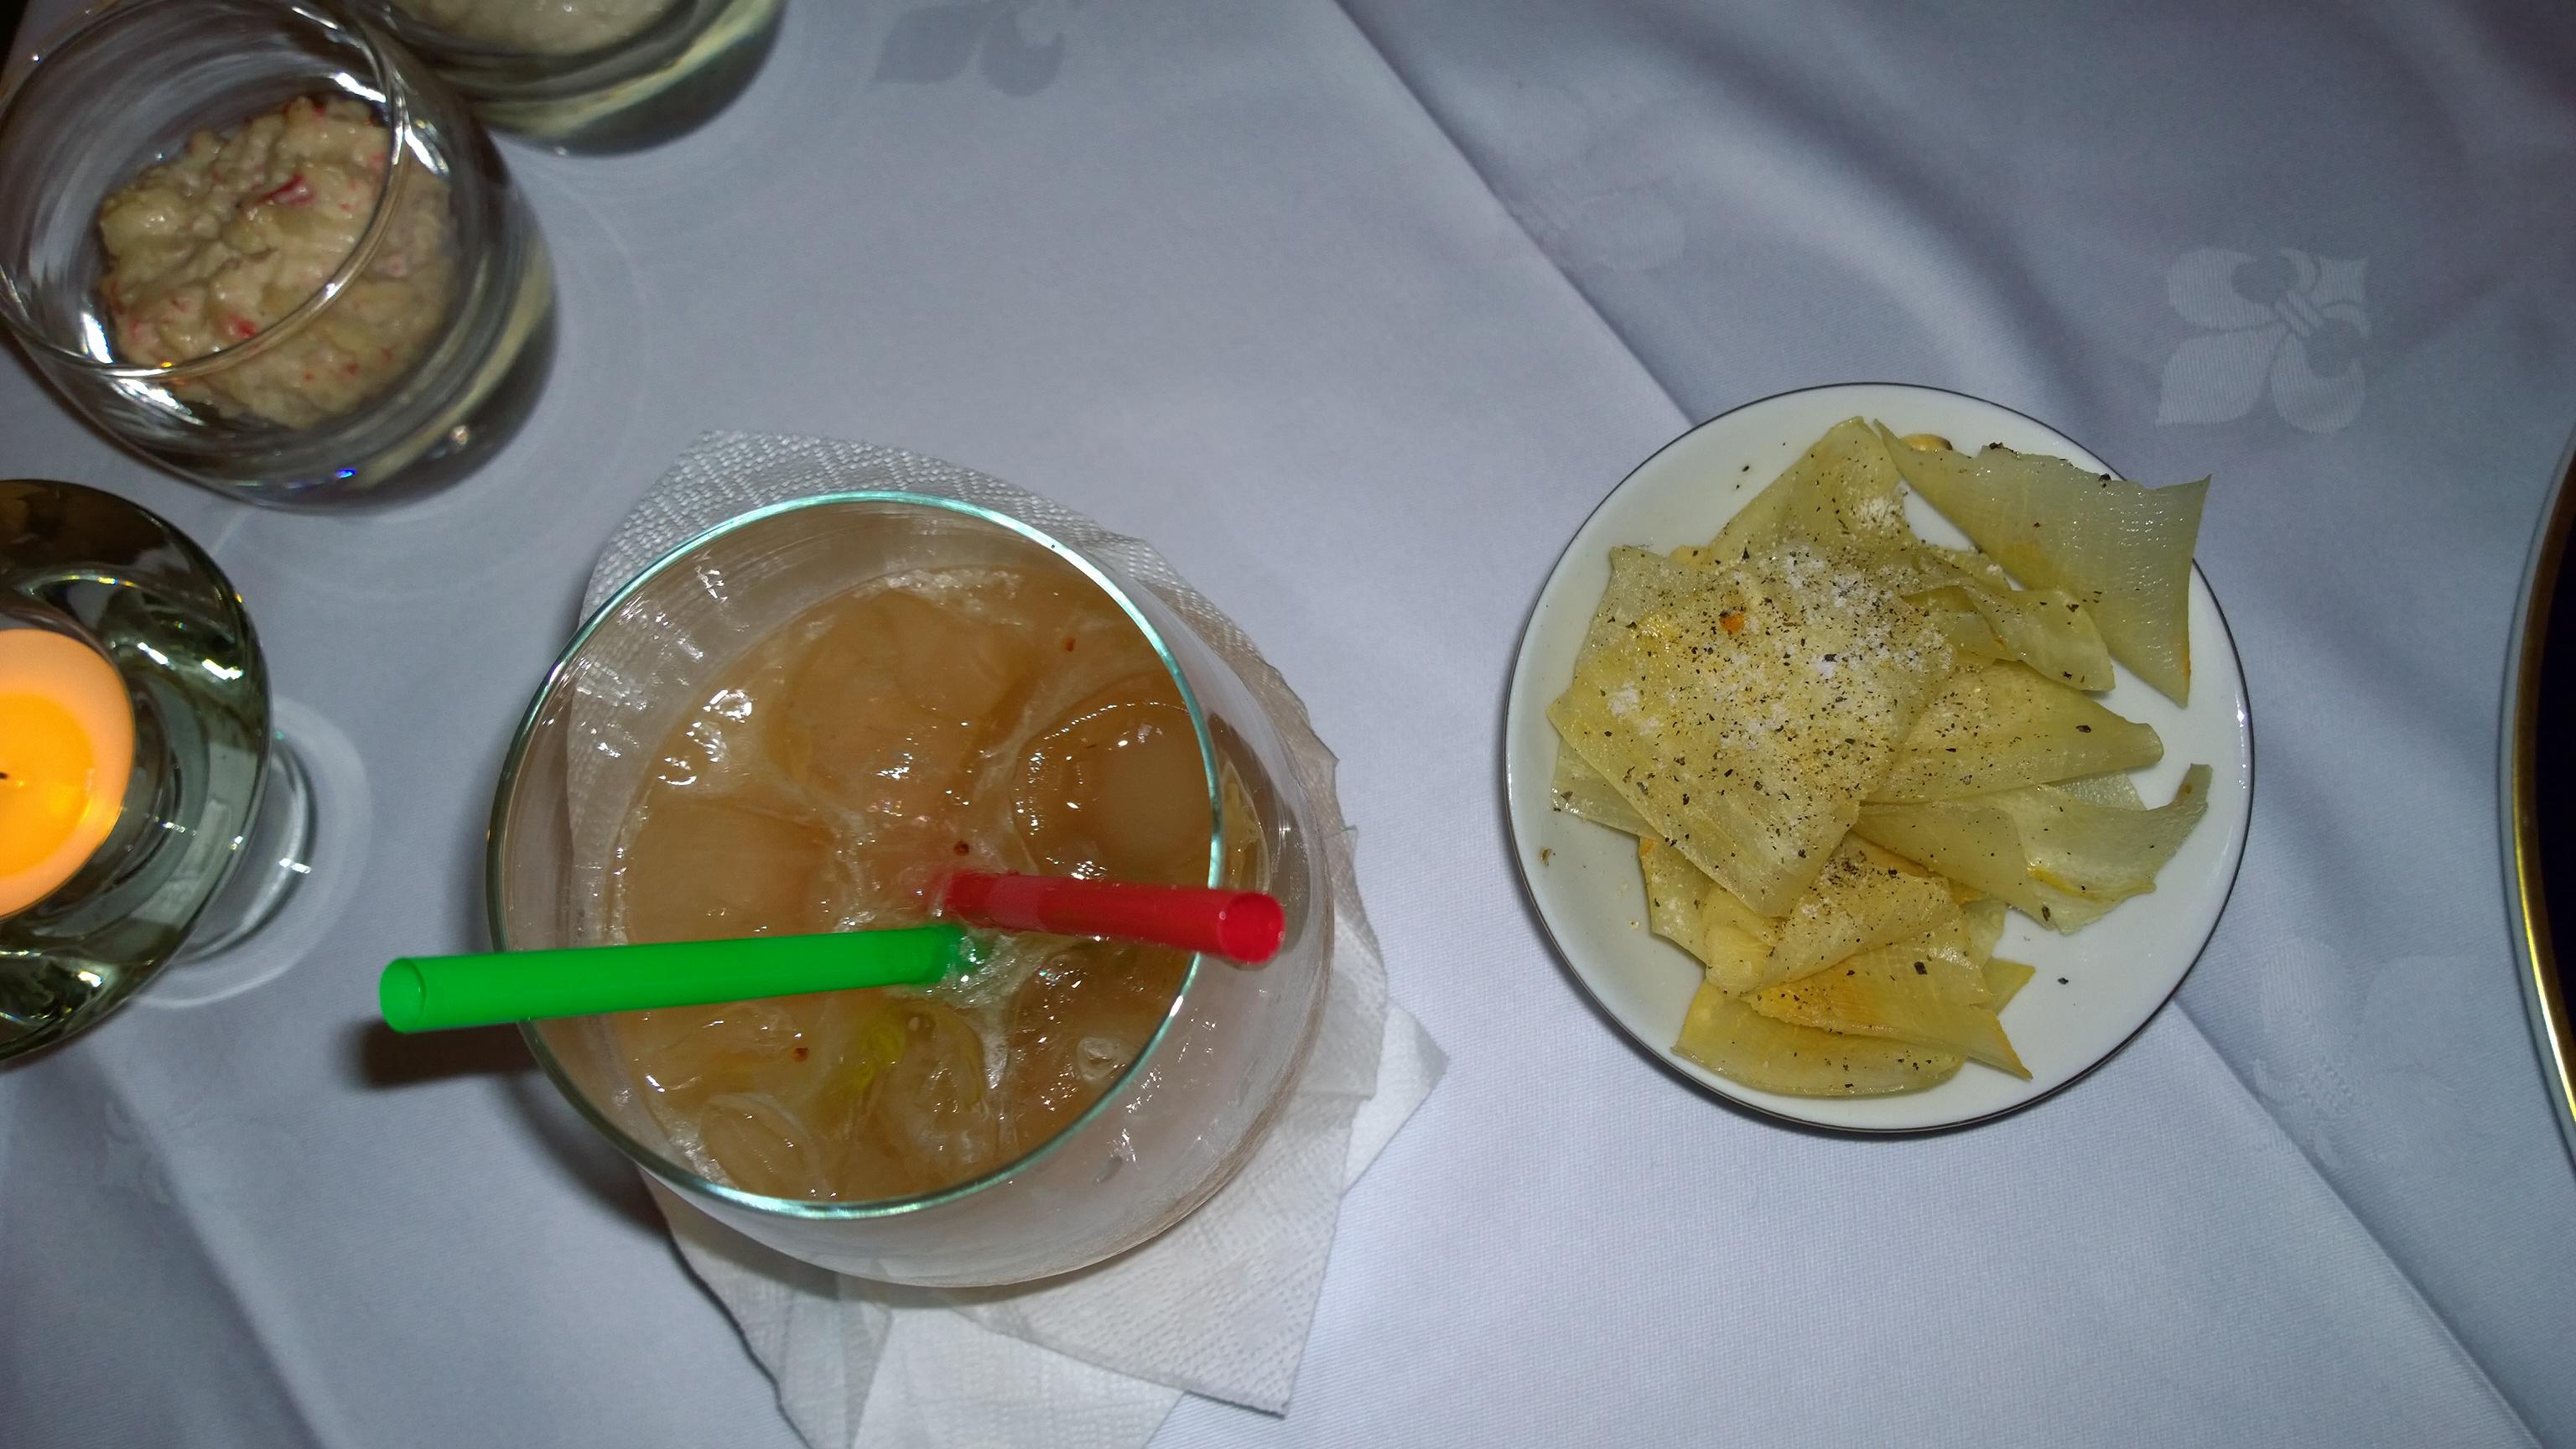 Caipirinha de mucua with mandioca laminada frita